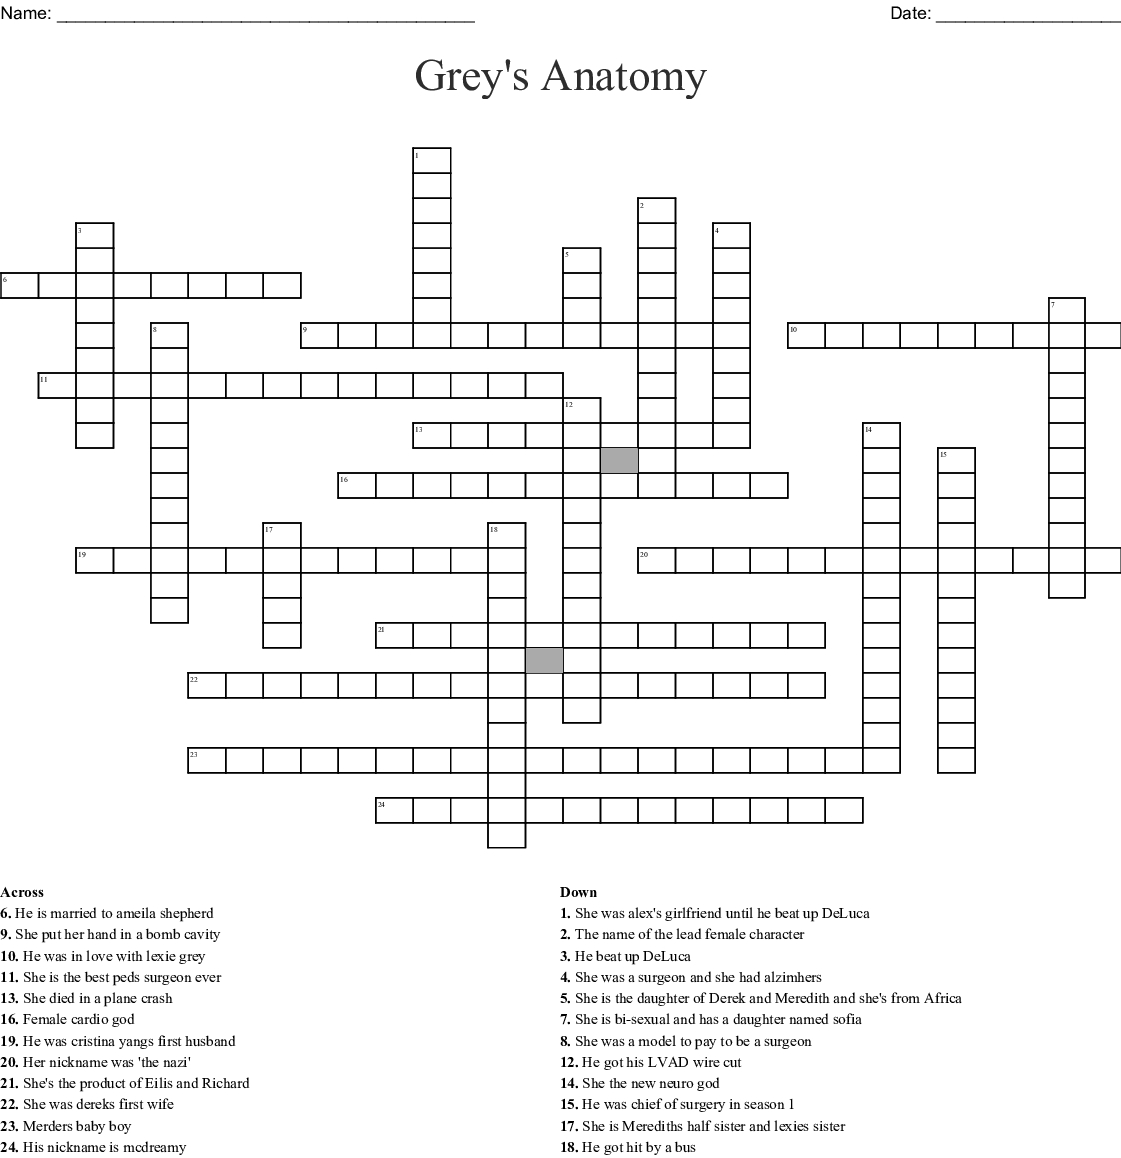 Grey's Anatomy Crossword - Wordmint - Anatomy Crossword Puzzles Printable